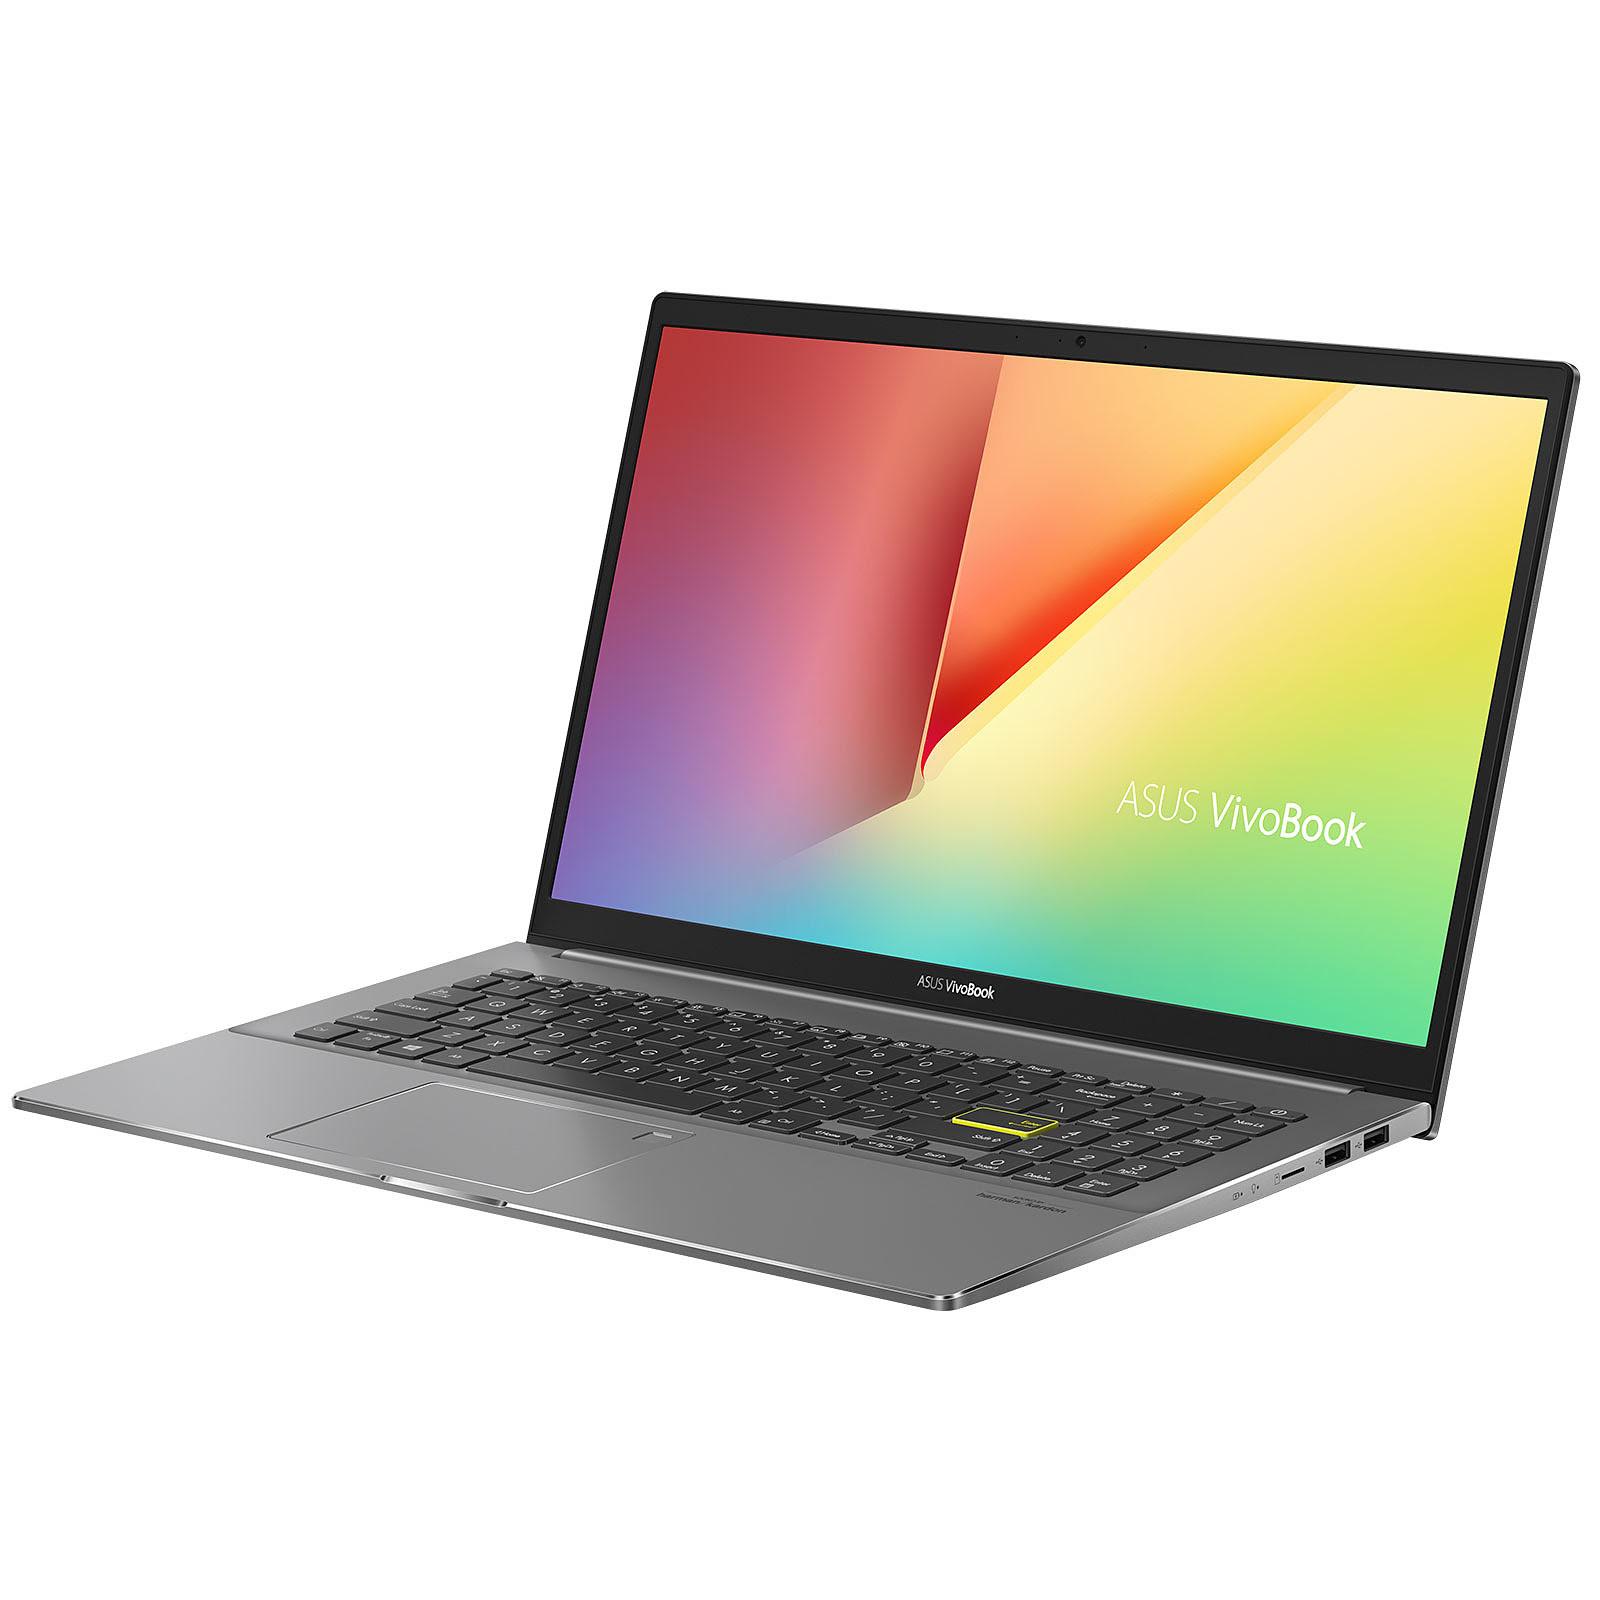 Asus 90NB0SF3-M04730 - PC portable Asus - Cybertek.fr - 1